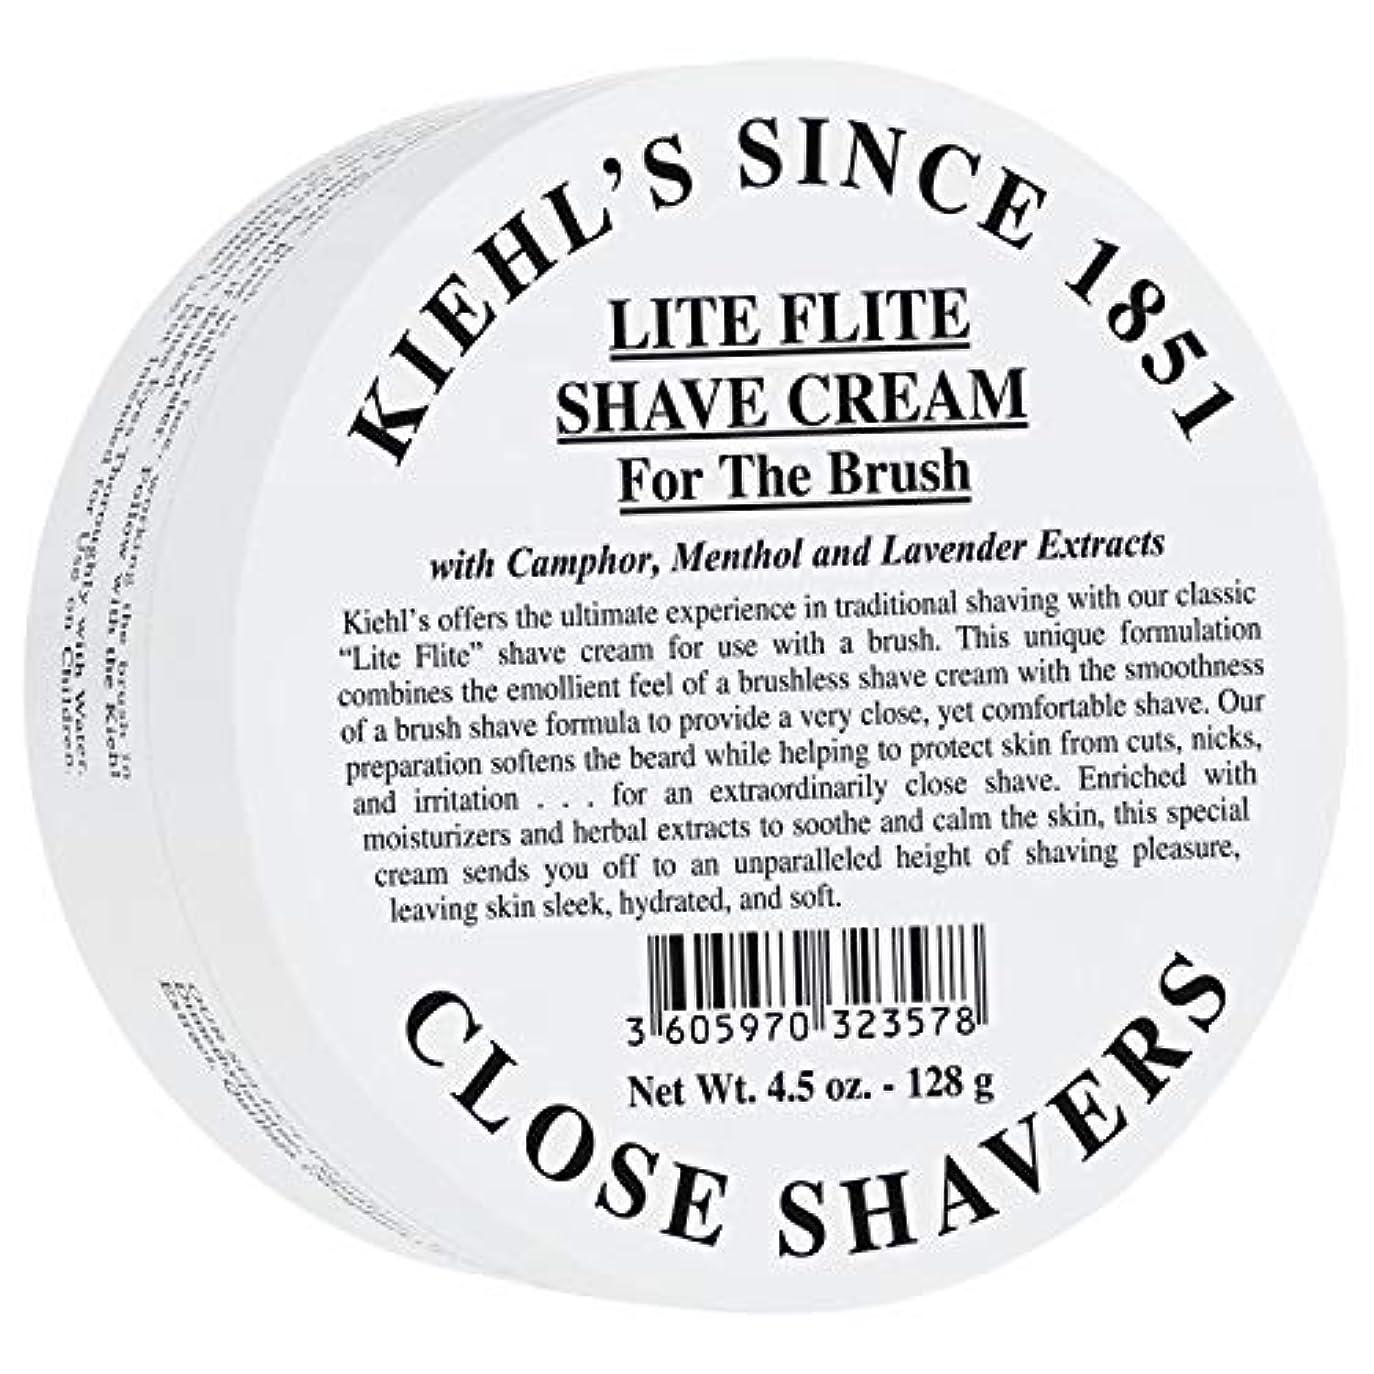 フォーカスフェリー担当者[Kiehl's] キールズLiteの飛行シェーブクリーム128グラム - Kiehl's Lite Flight Shave Cream 128g [並行輸入品]